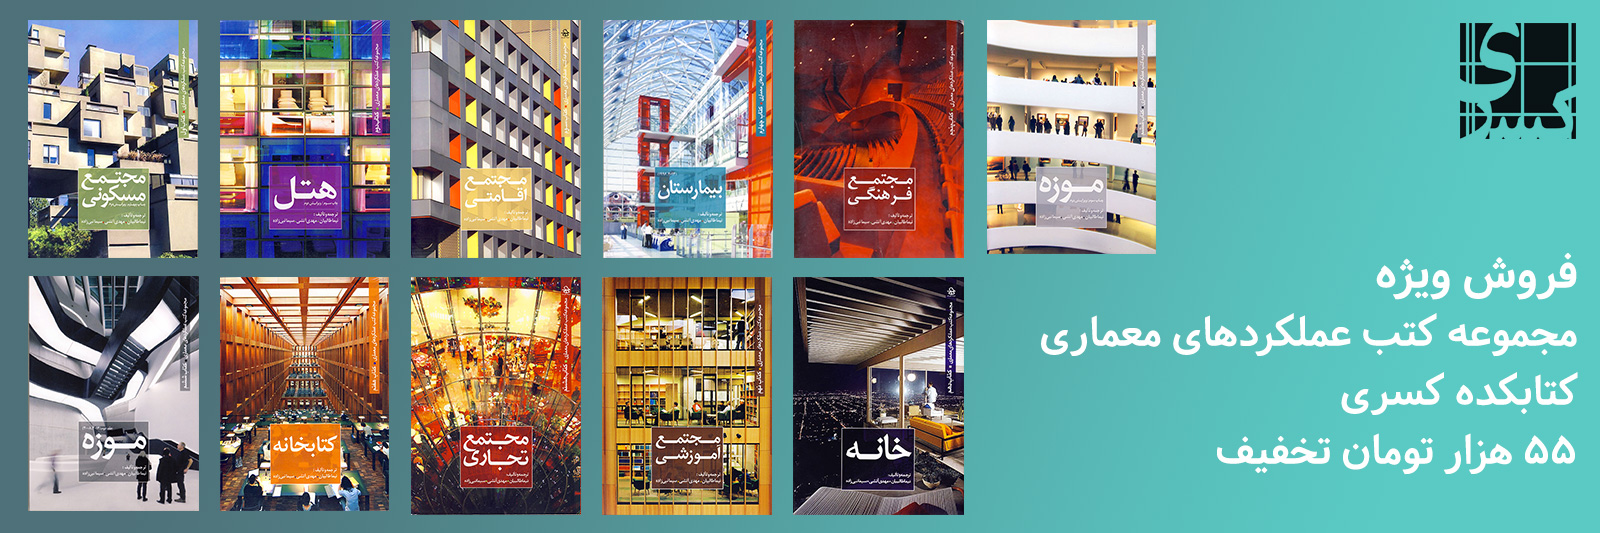 مجموعه کتب عملکردهای معماری